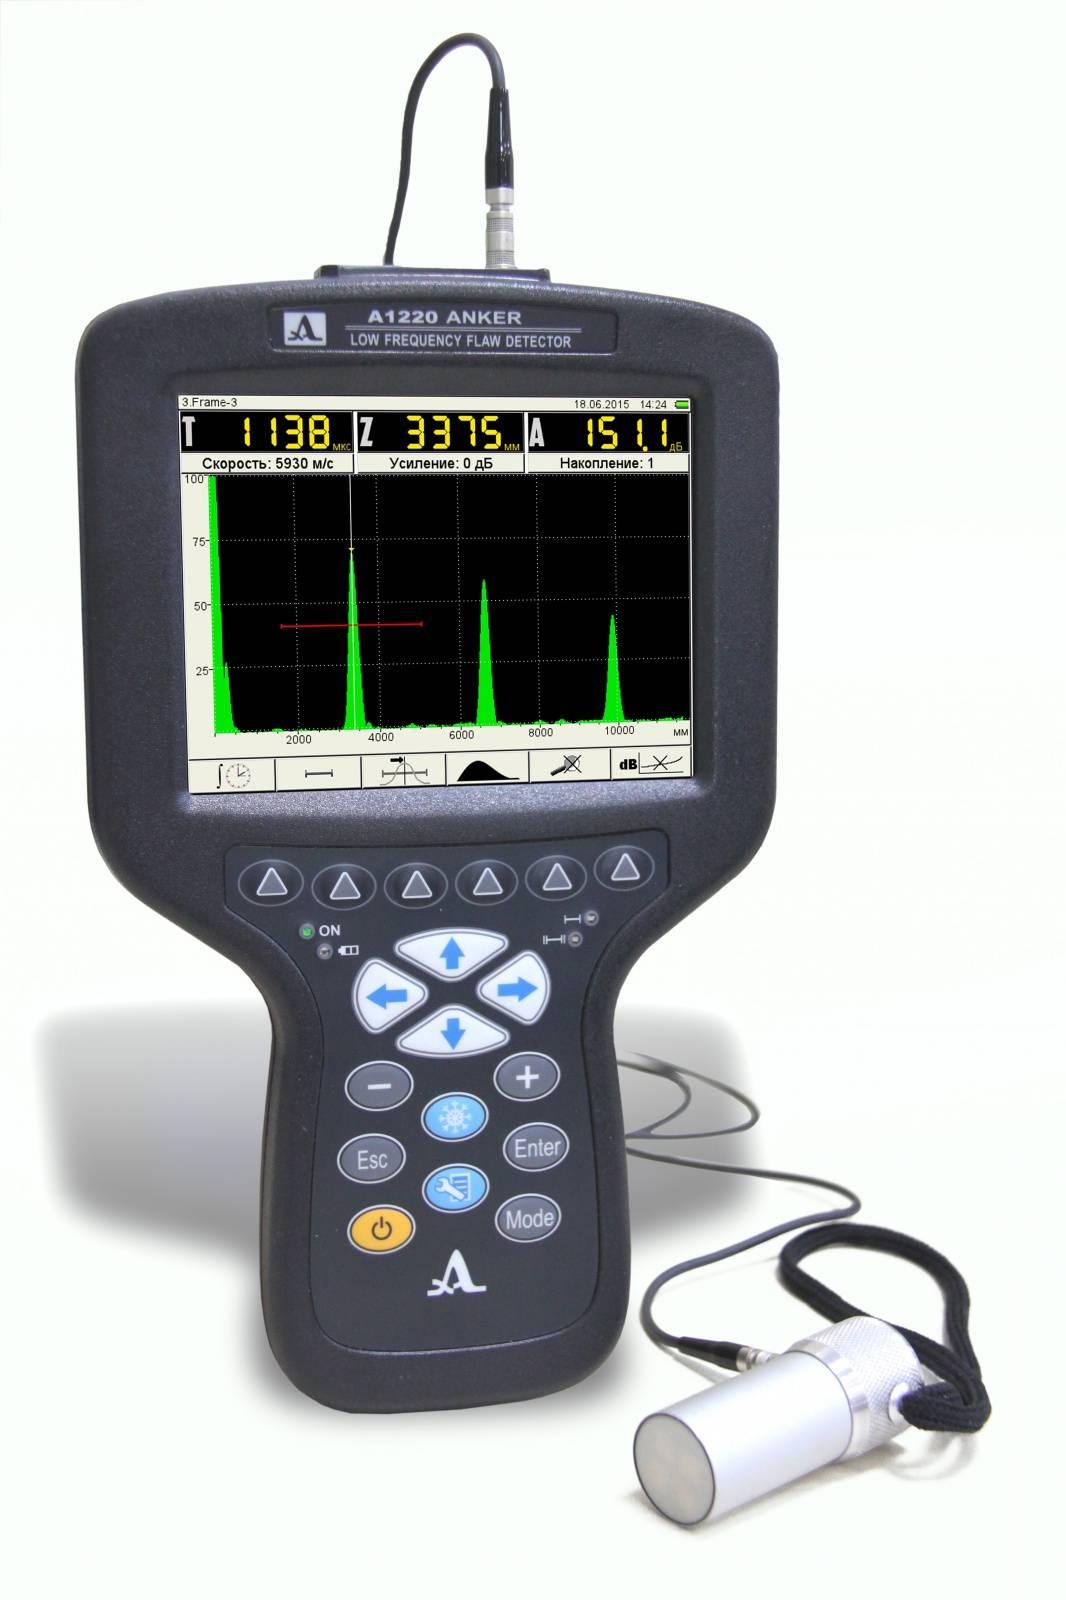 А1220 ANKER - ультразвуковой дефектоскоп